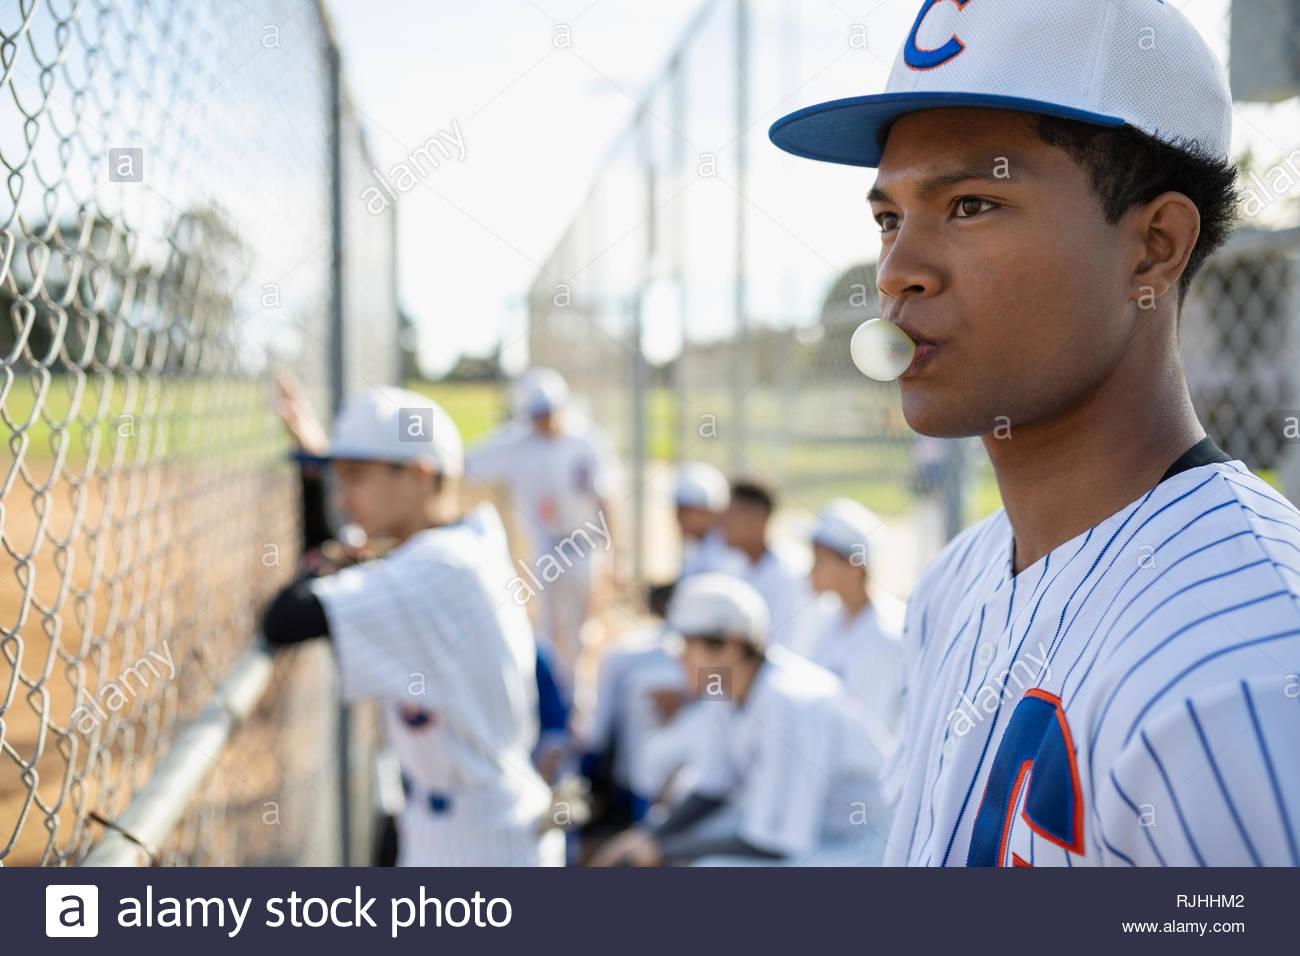 Jugador de béisbol BUBBLE BUBBLE GUM soplado detrás de la valla Imagen De Stock